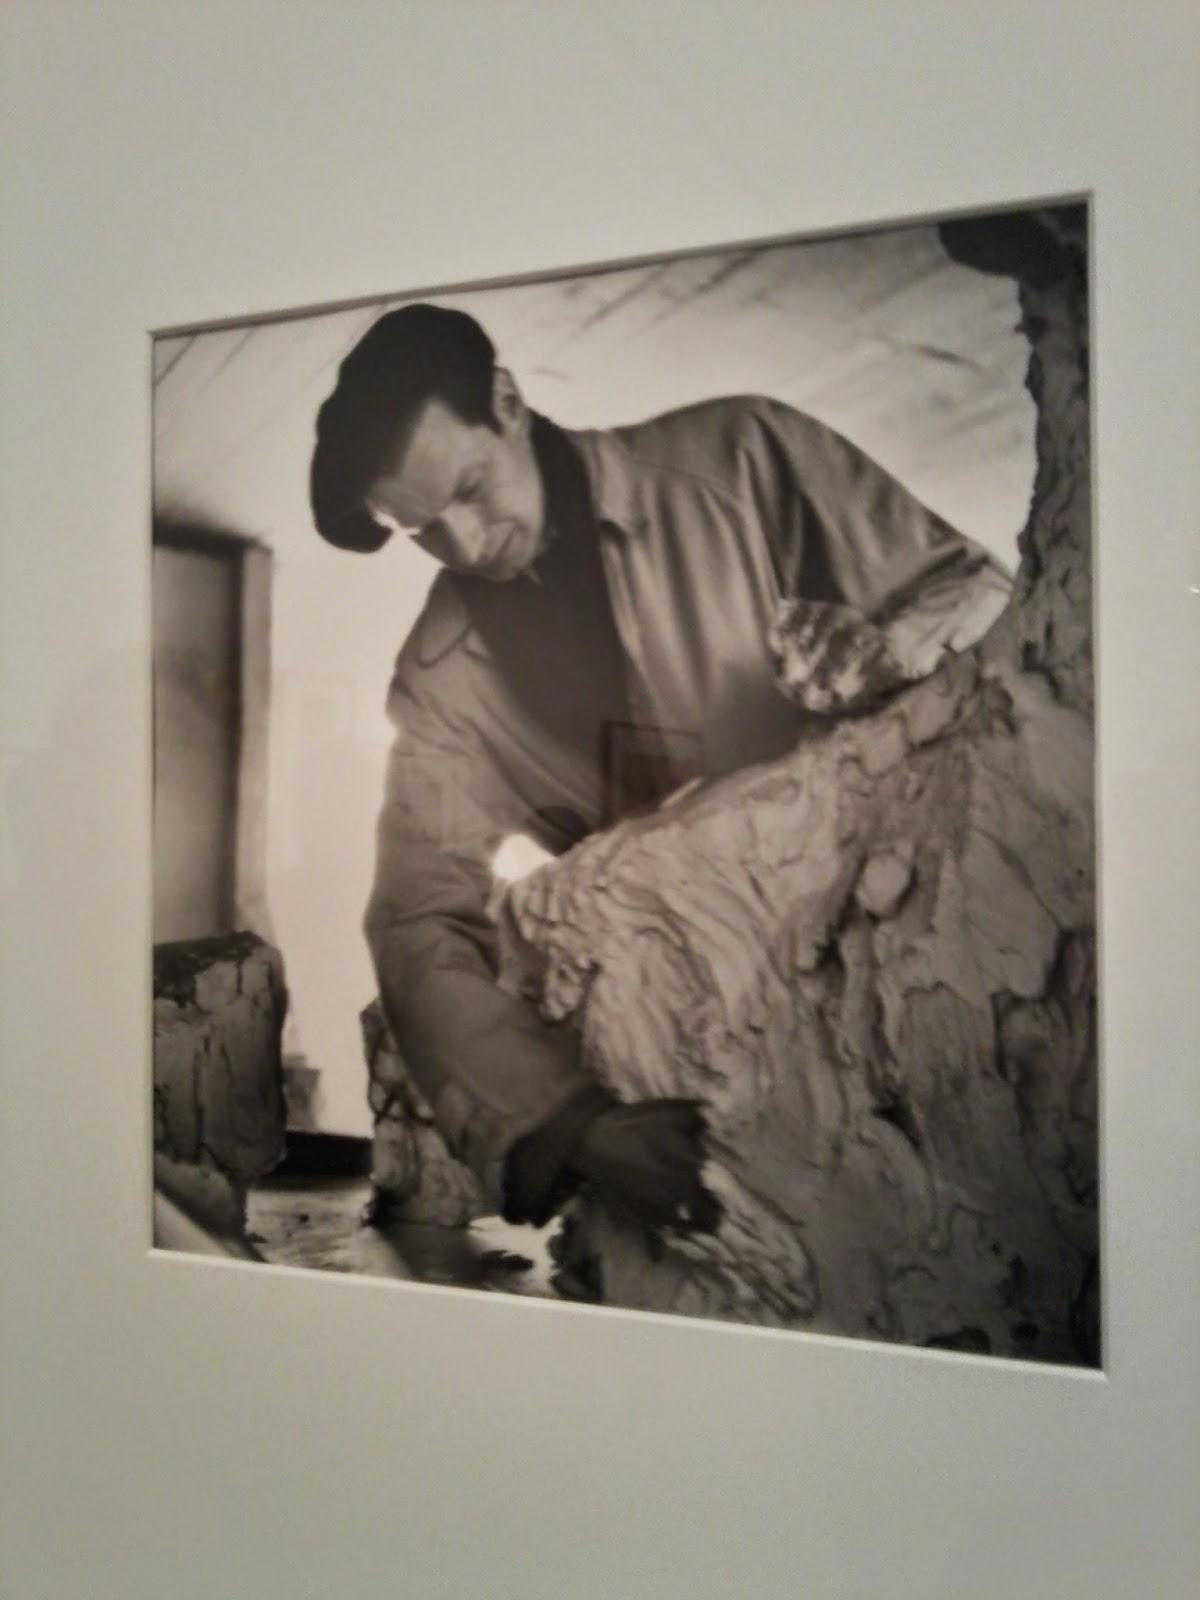 Mathias Goeritz, El retorno de la serpiente, Museo Reina Sofía, Exposición temporal, Blog de arte, Voa-Gallery, Yvonne Brochard, Arte mejicano, Escultura, Arte monumental, Serpiente, Arquitectura emocional,